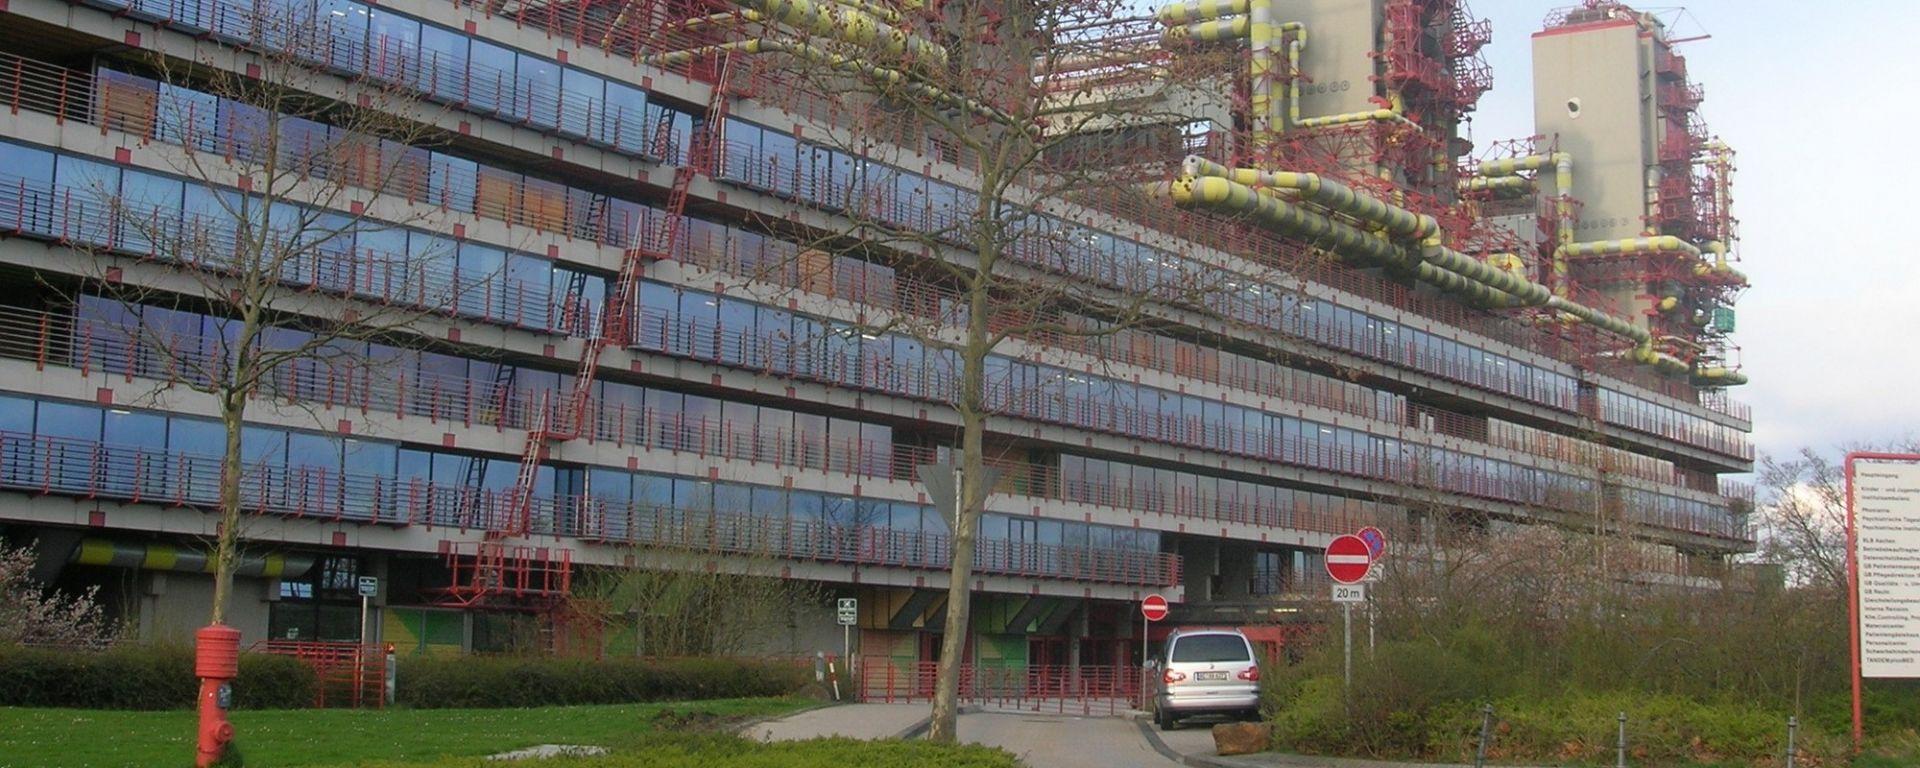 L'ospedale universitario di Aquisgrana, sede degli esperimenti incriminati